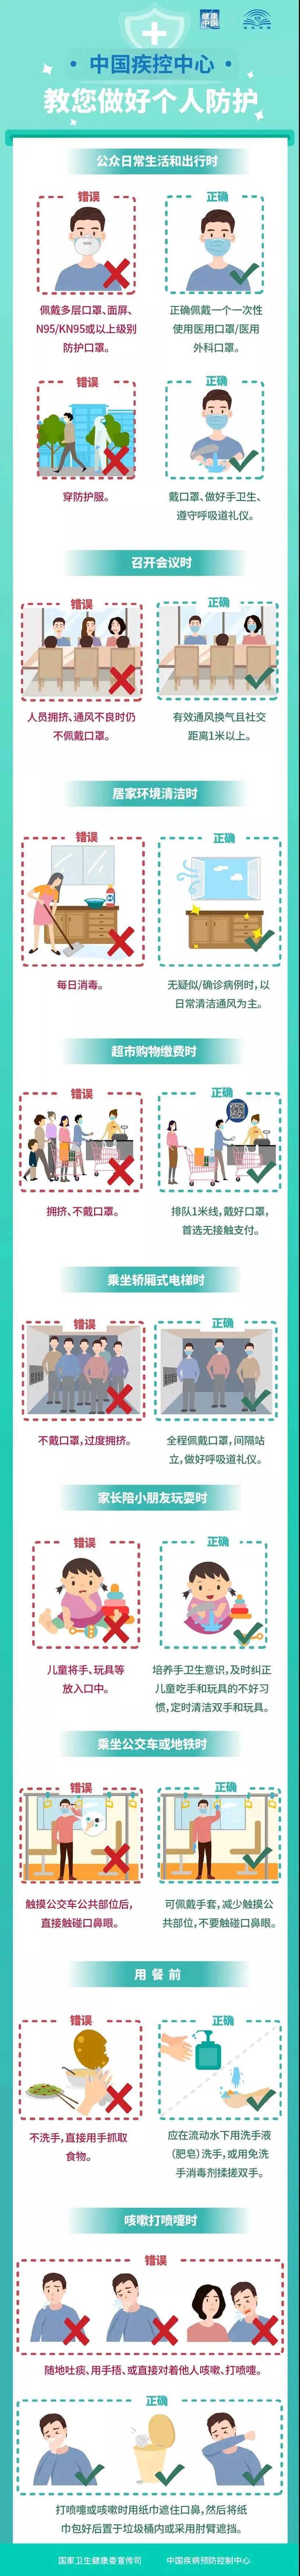 中国疾控中心教您做好个人防护!图片